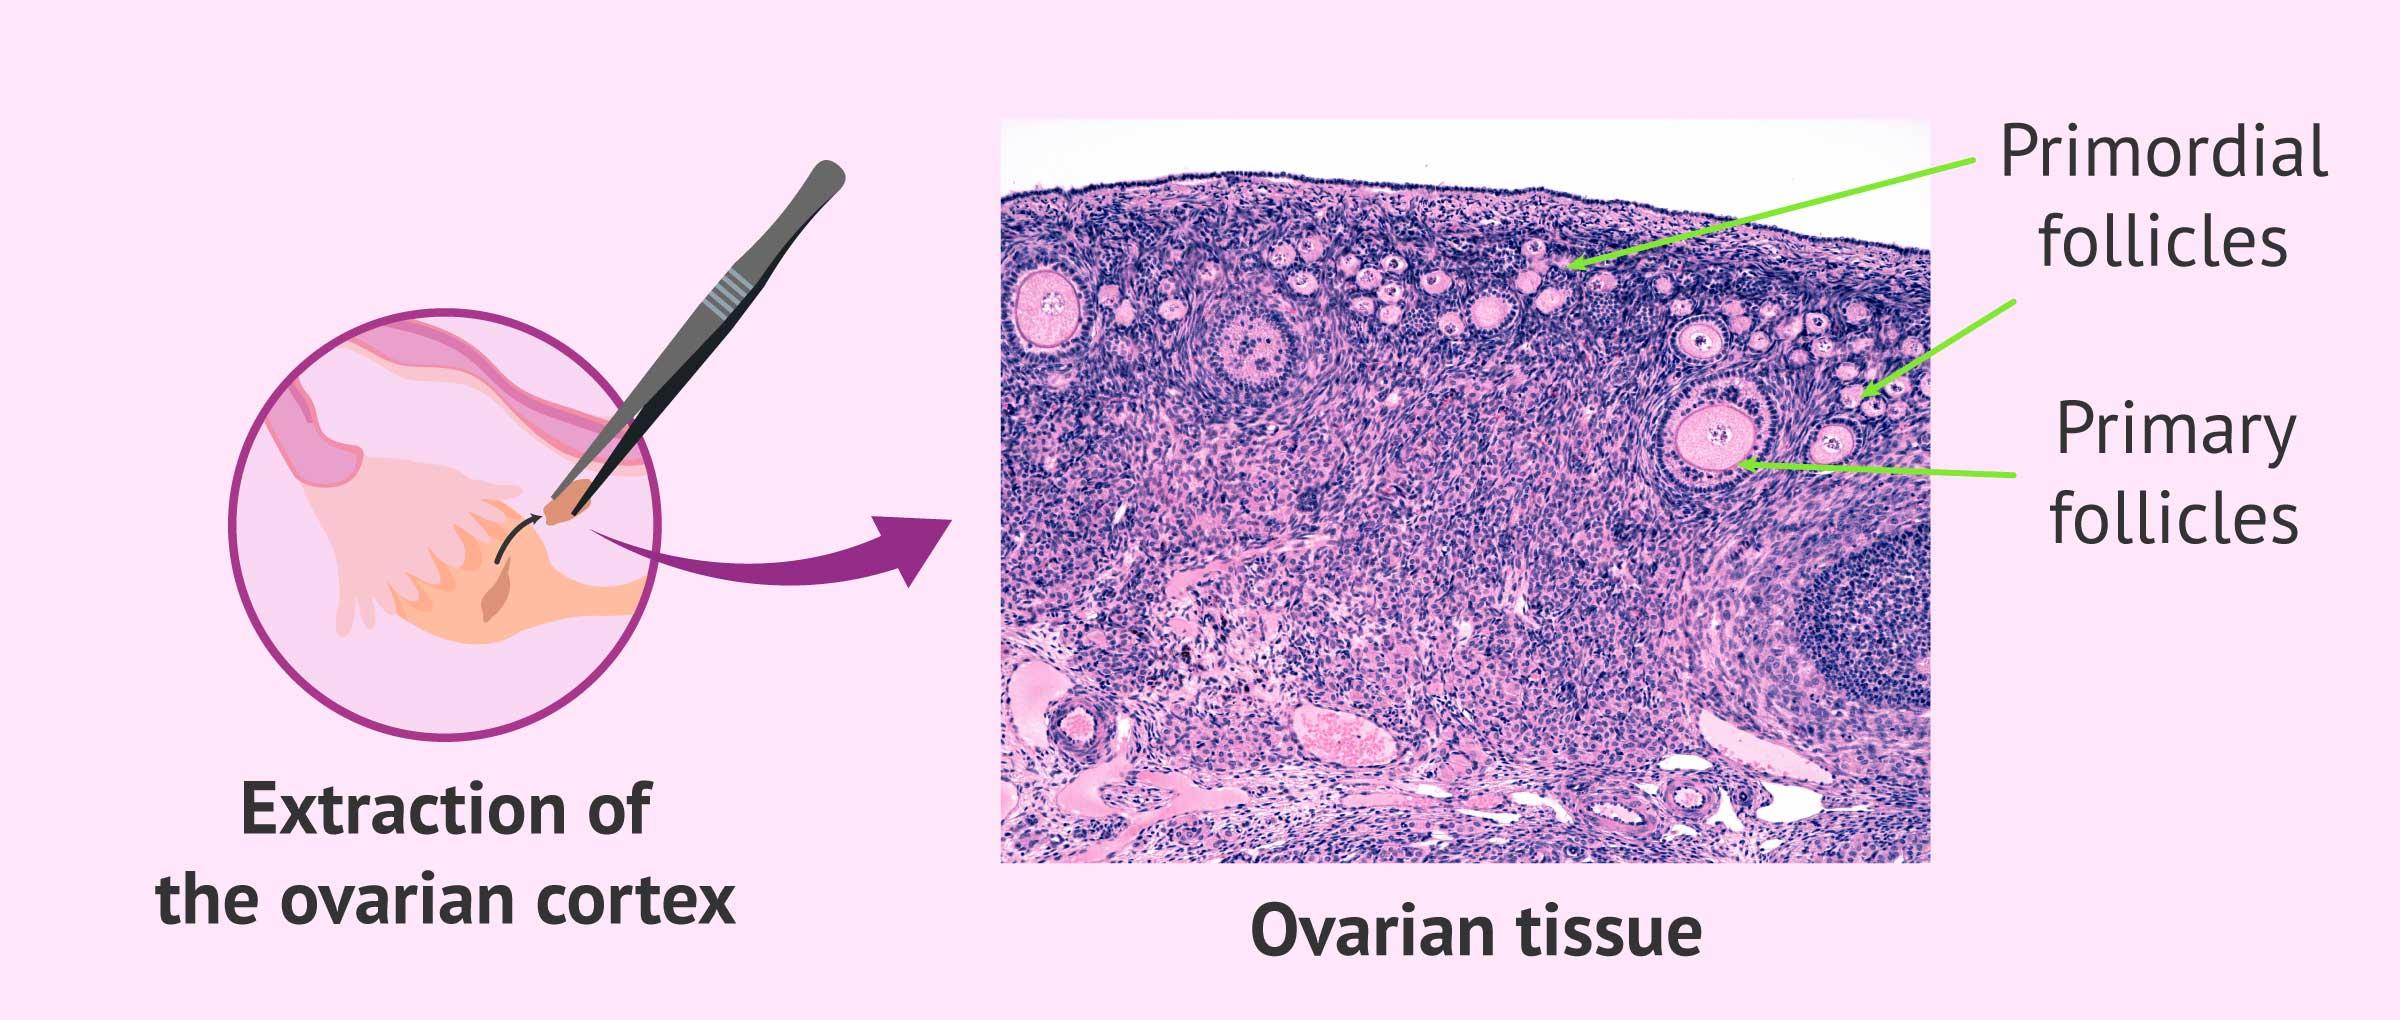 Ovarian cortex tissue